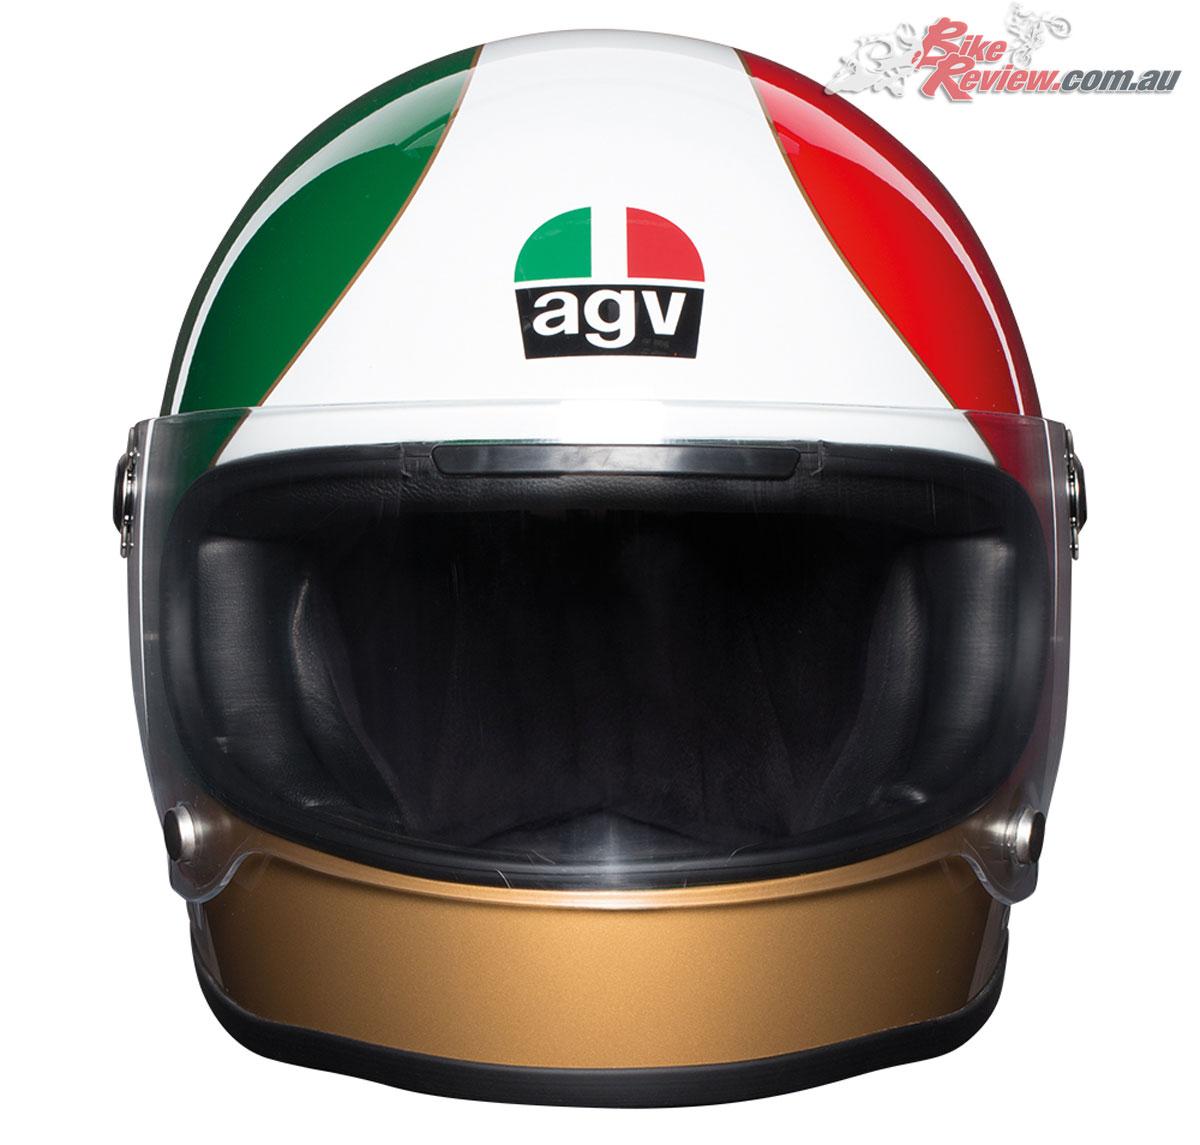 AGV X3000 Ago - $999.00 RRP